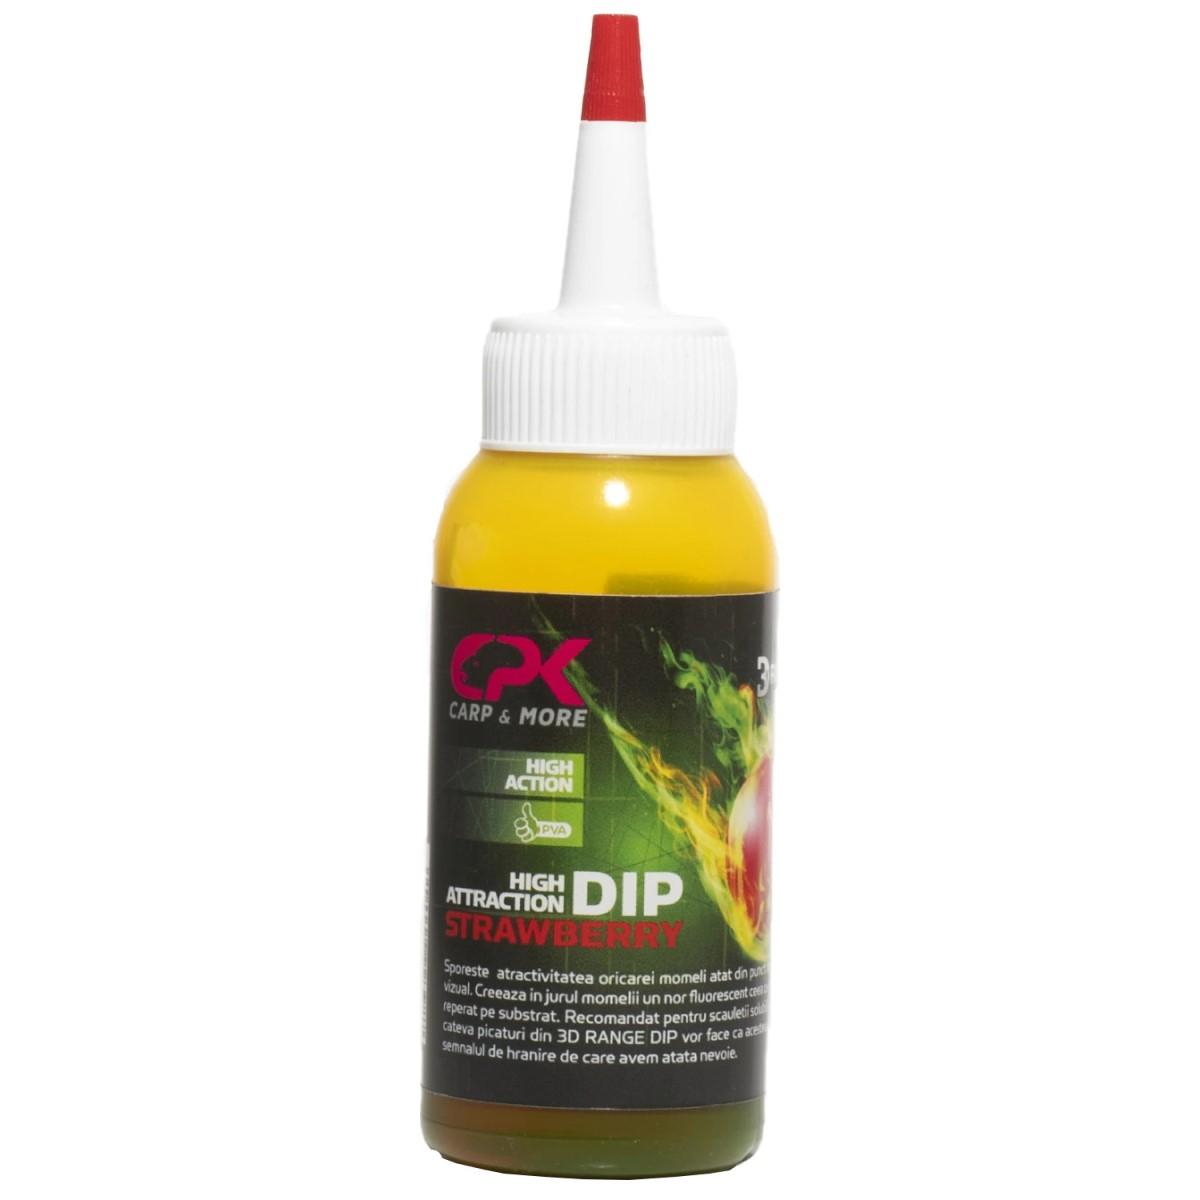 Пушещ дип CPK 3D Range Dip Strawberry 50ml